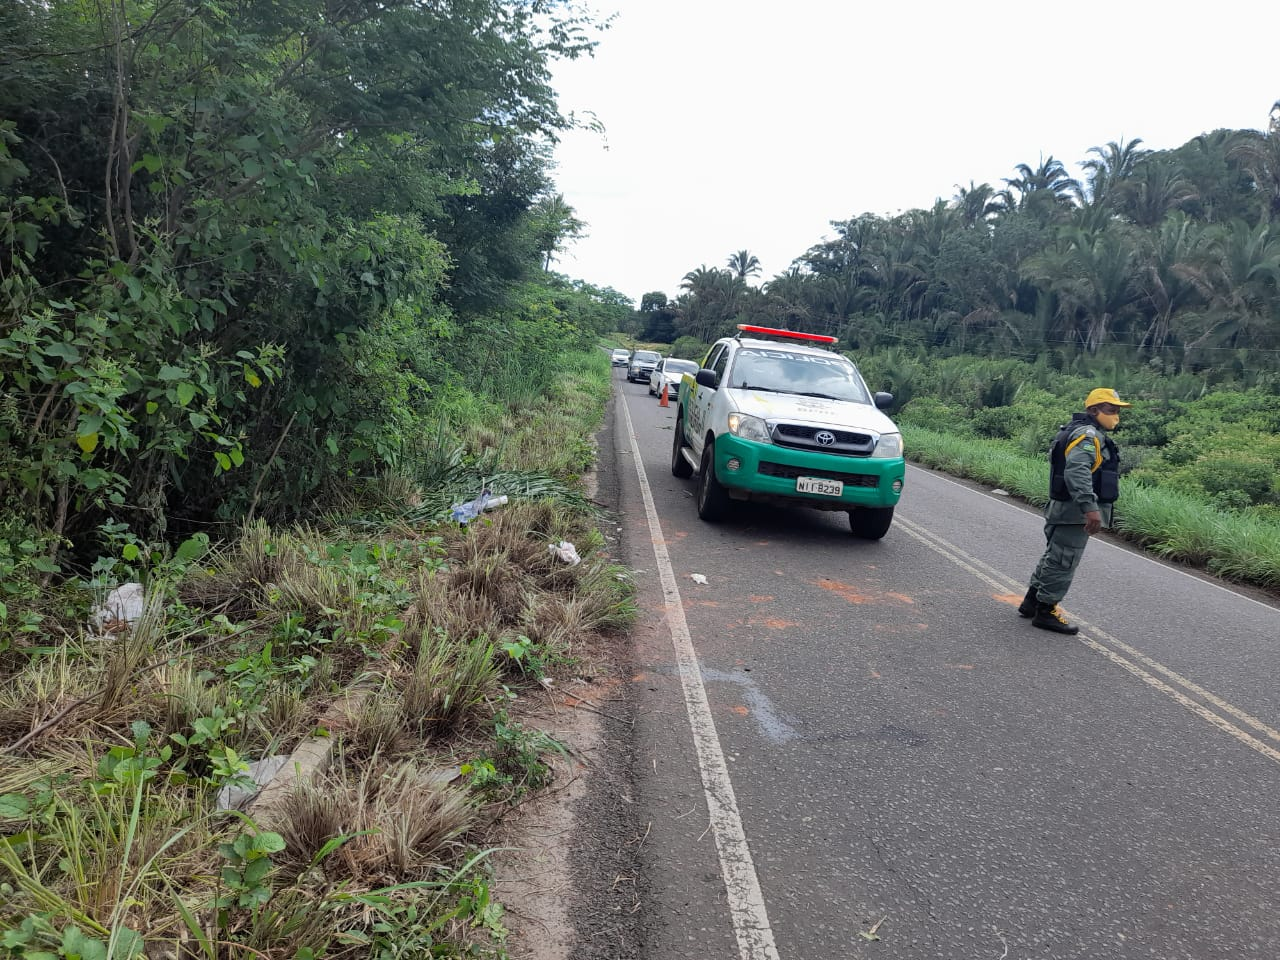 Quatro pessoas ficam feridas em grave acidente em José de Freitas - Imagem 2